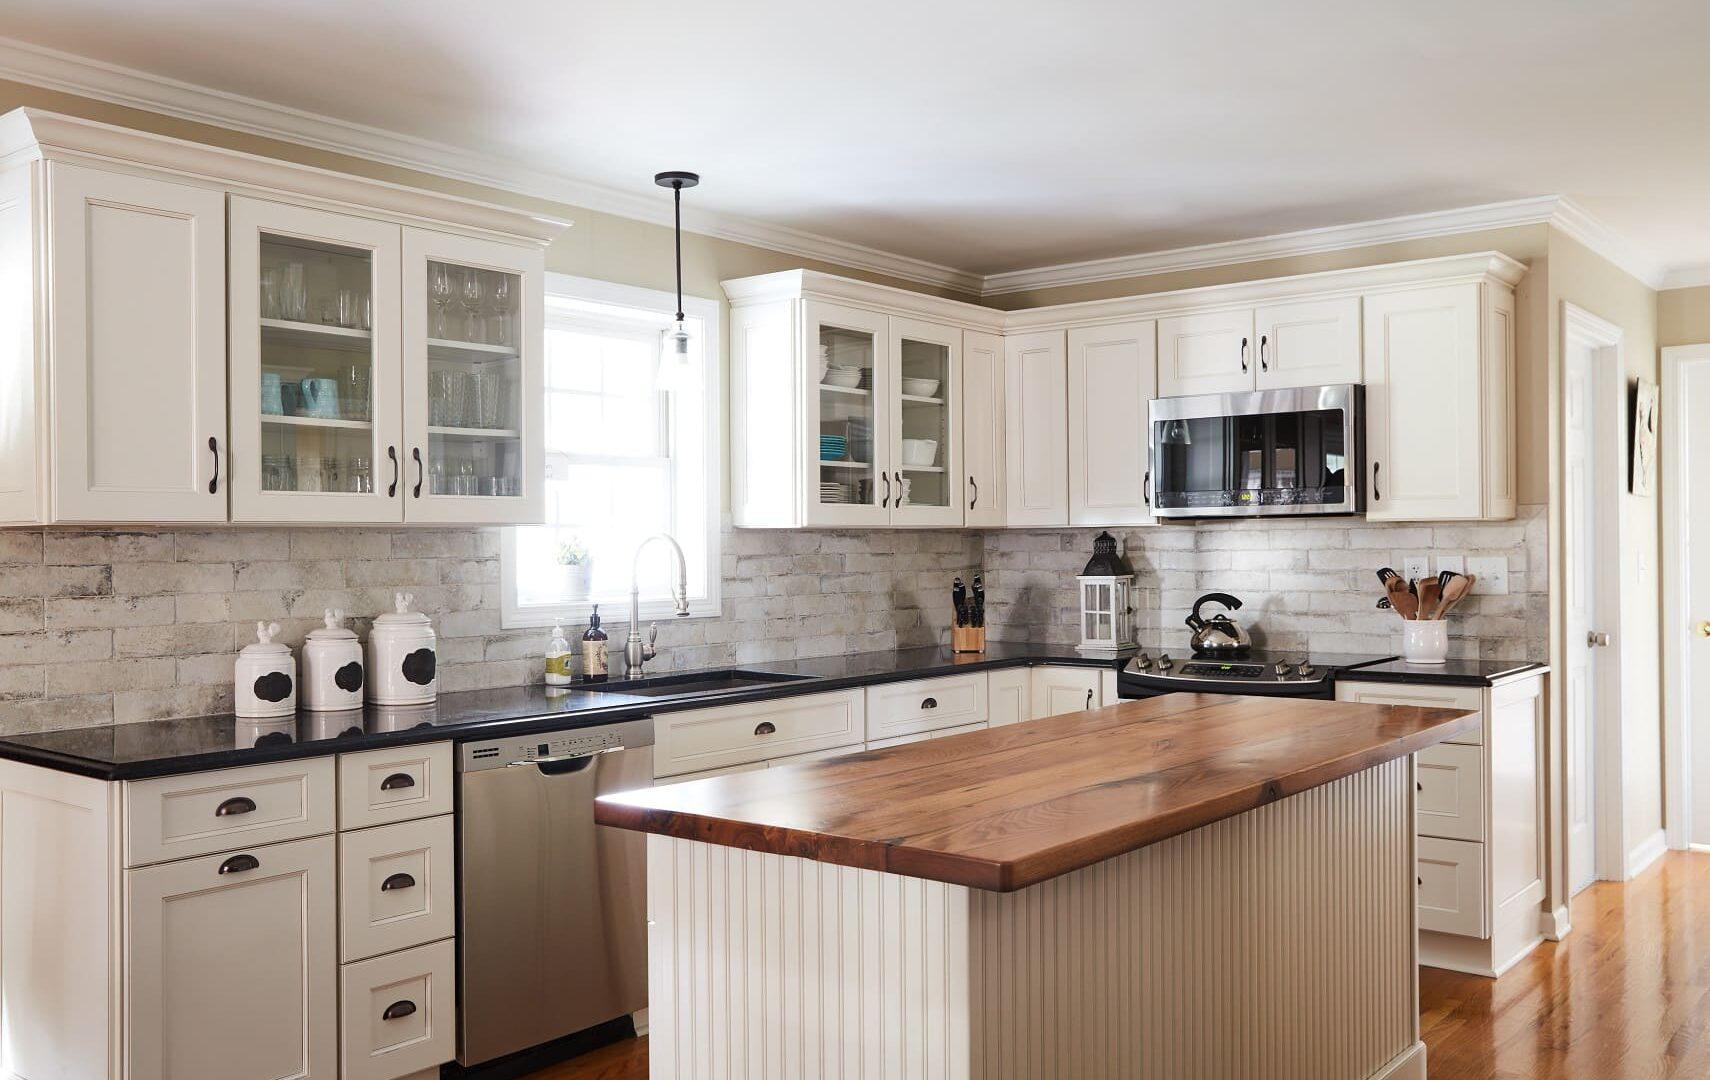 Kitchen Design, Kitchen Design Models, Kitchen Design Ideas, Storage, French, Apartment, Tuscan, Yellow, Mediterranean, Small,